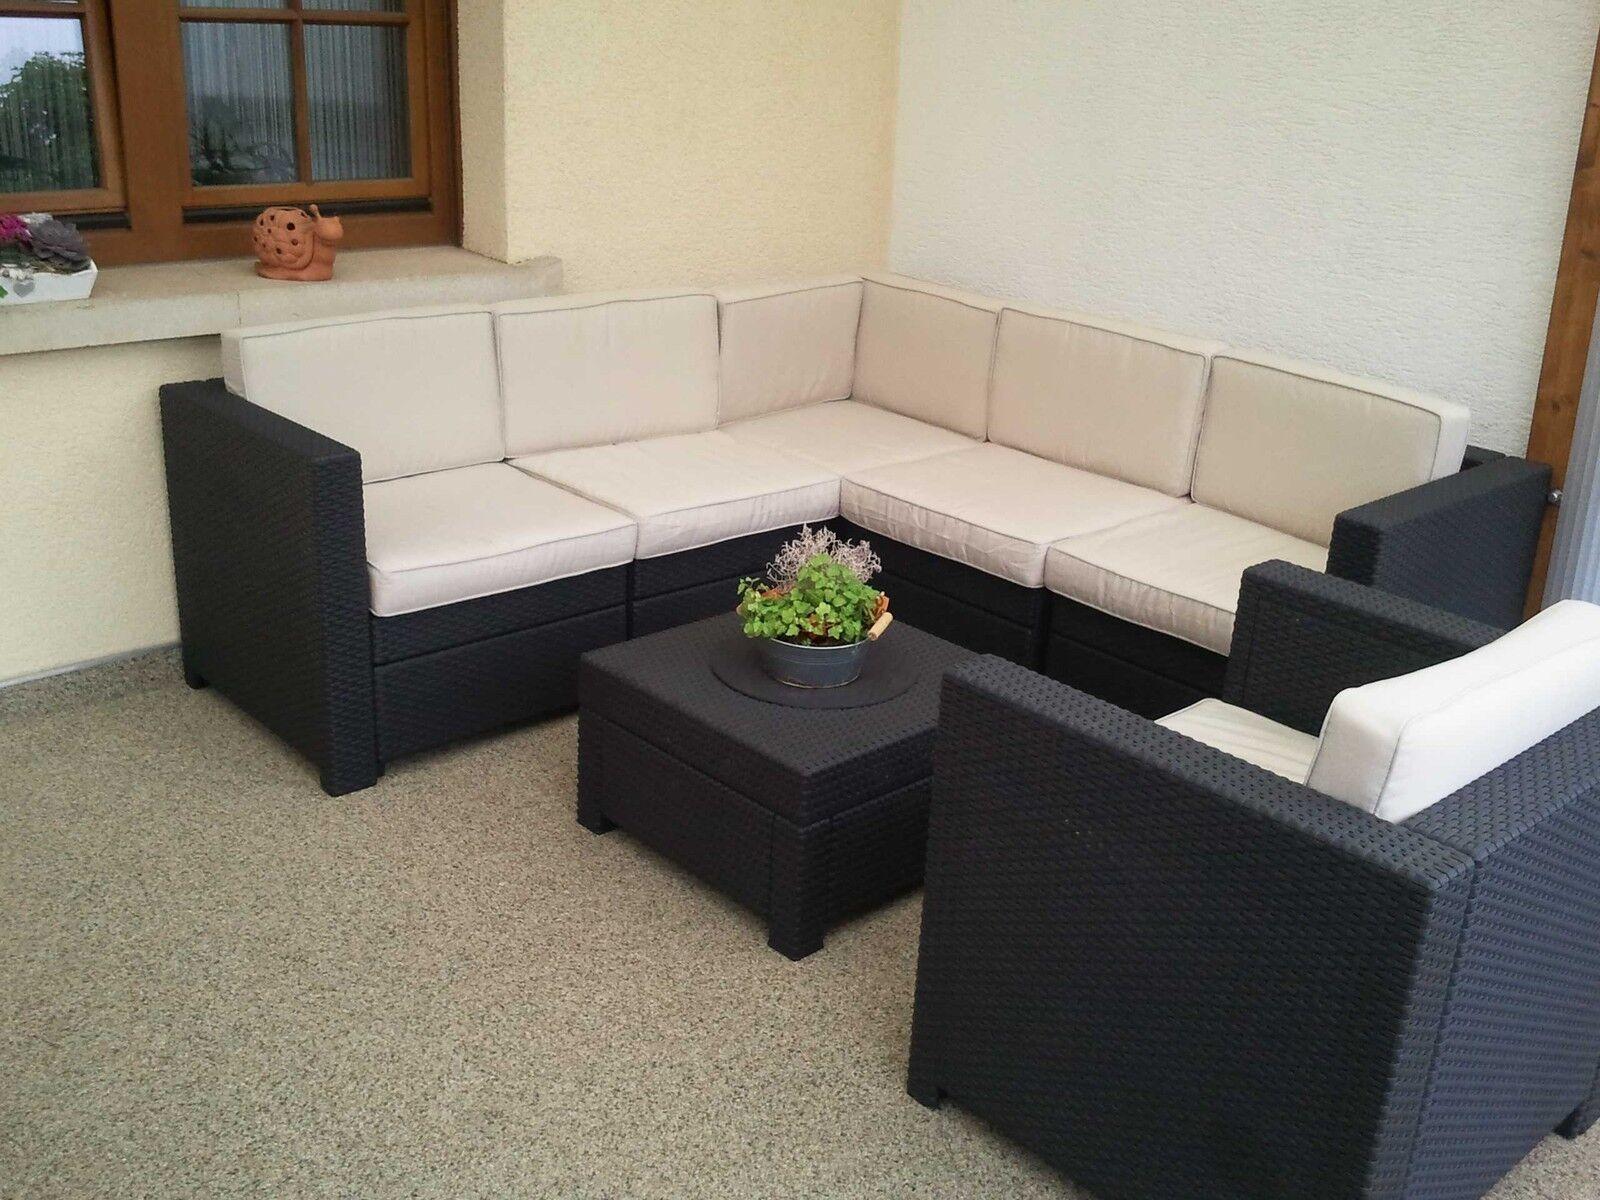 Steinteppich Q-WEISS + SET Bindemittel SONDERPOSTEN Bad Büro Wohnbereich 2,4m²